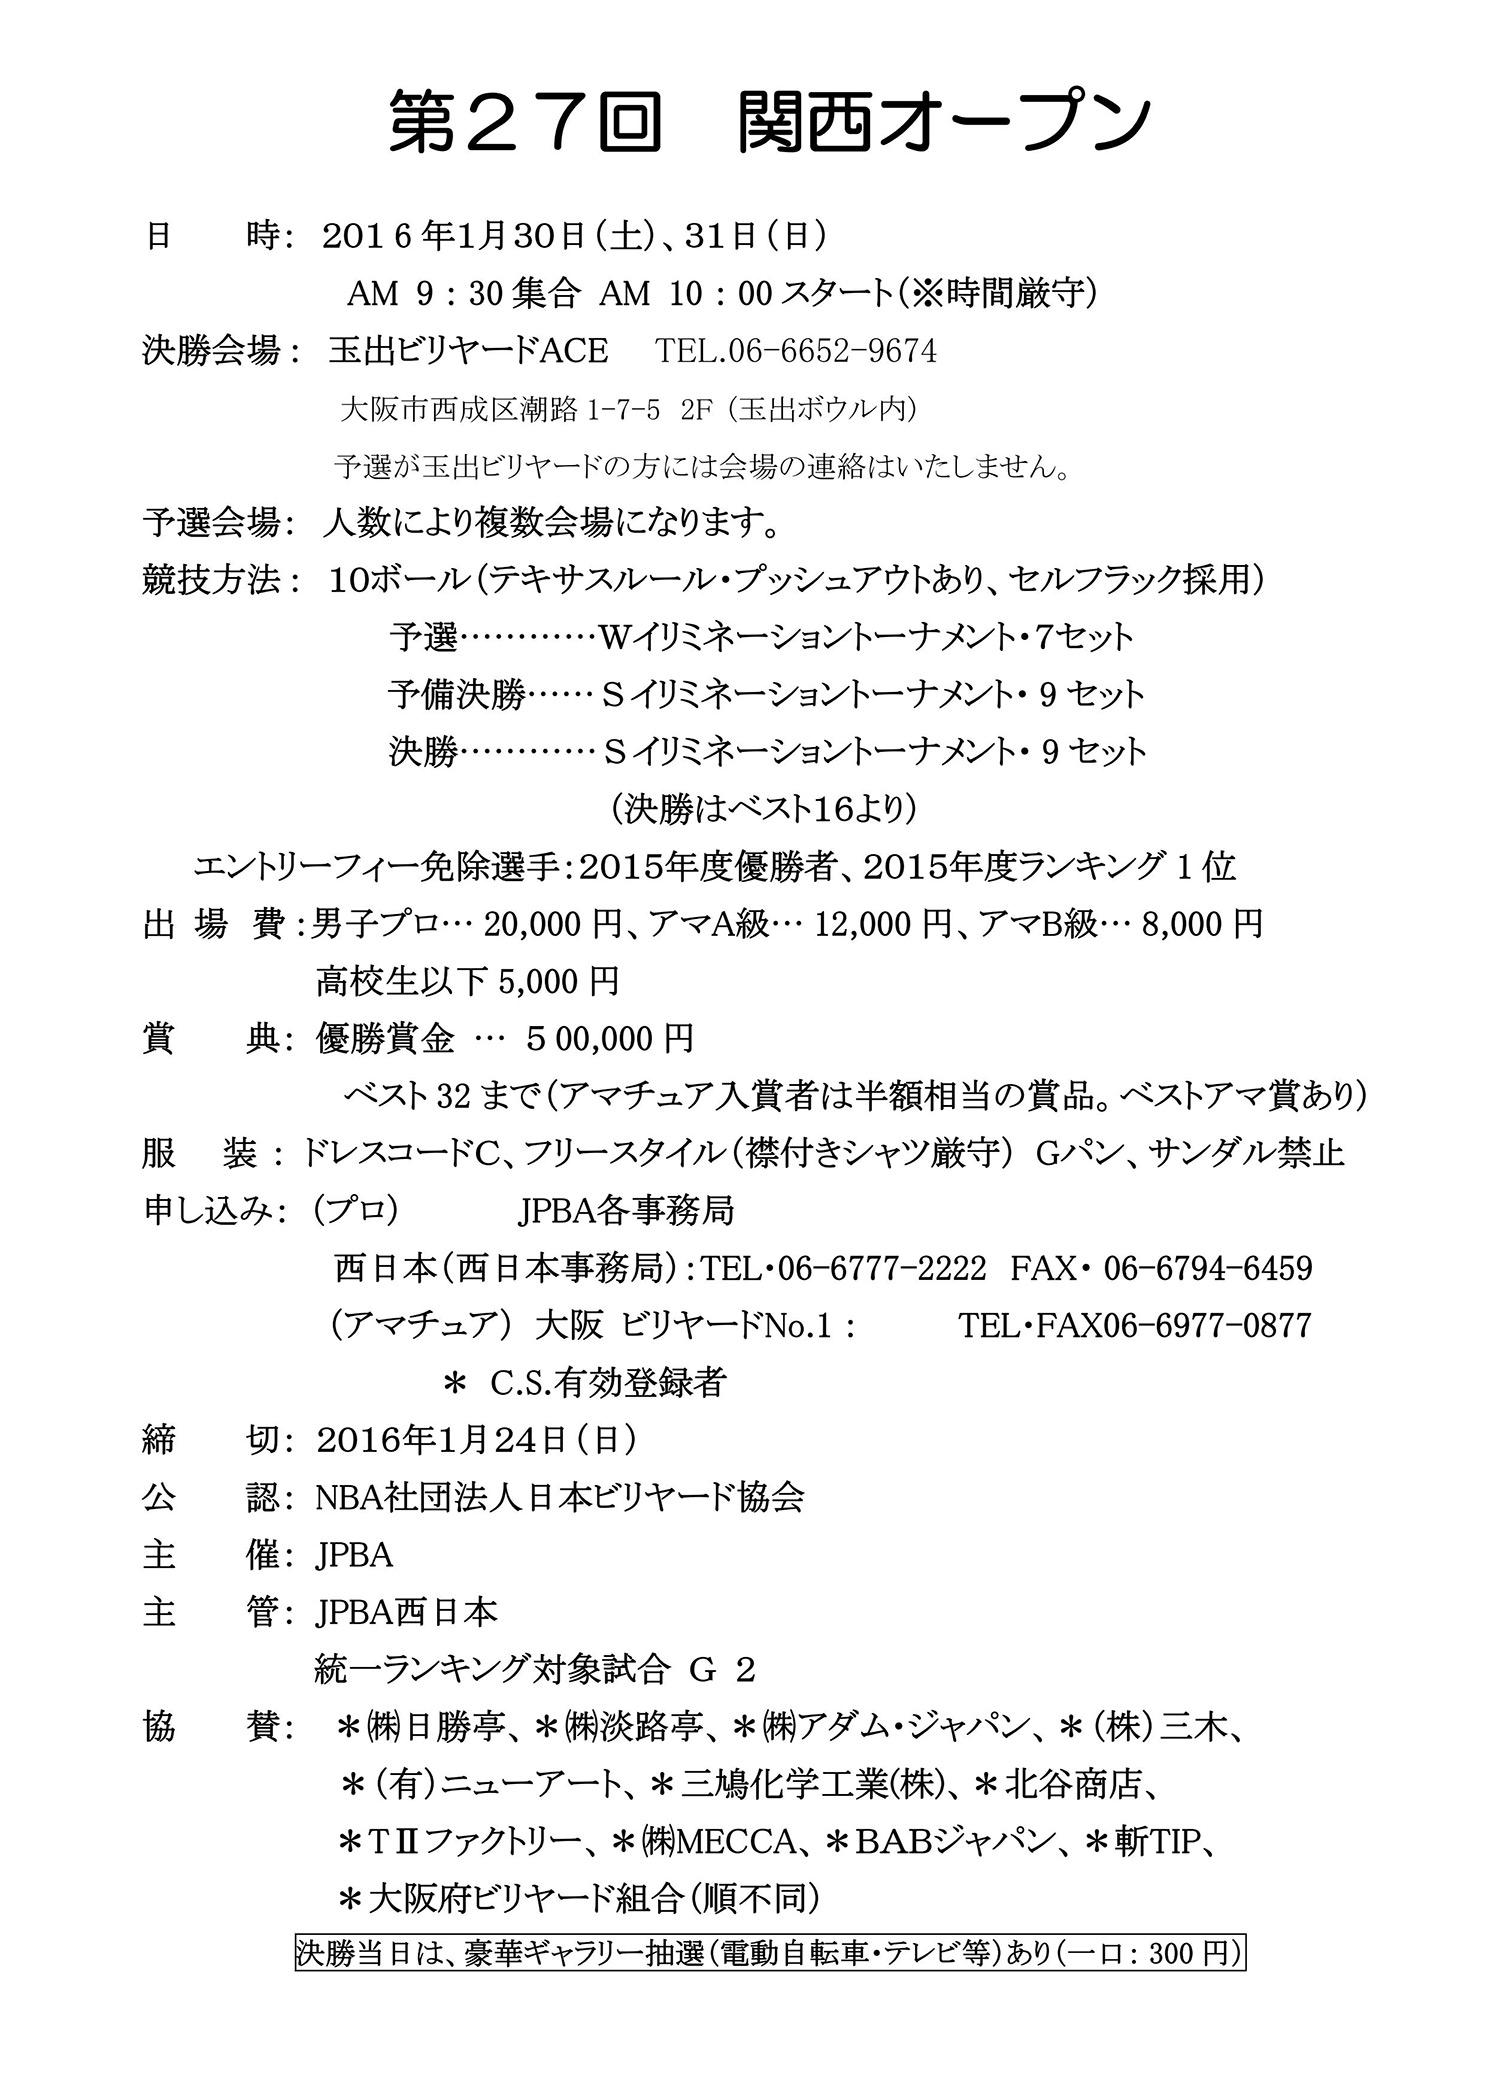 関西オープン要項(2016年第27回)_edit